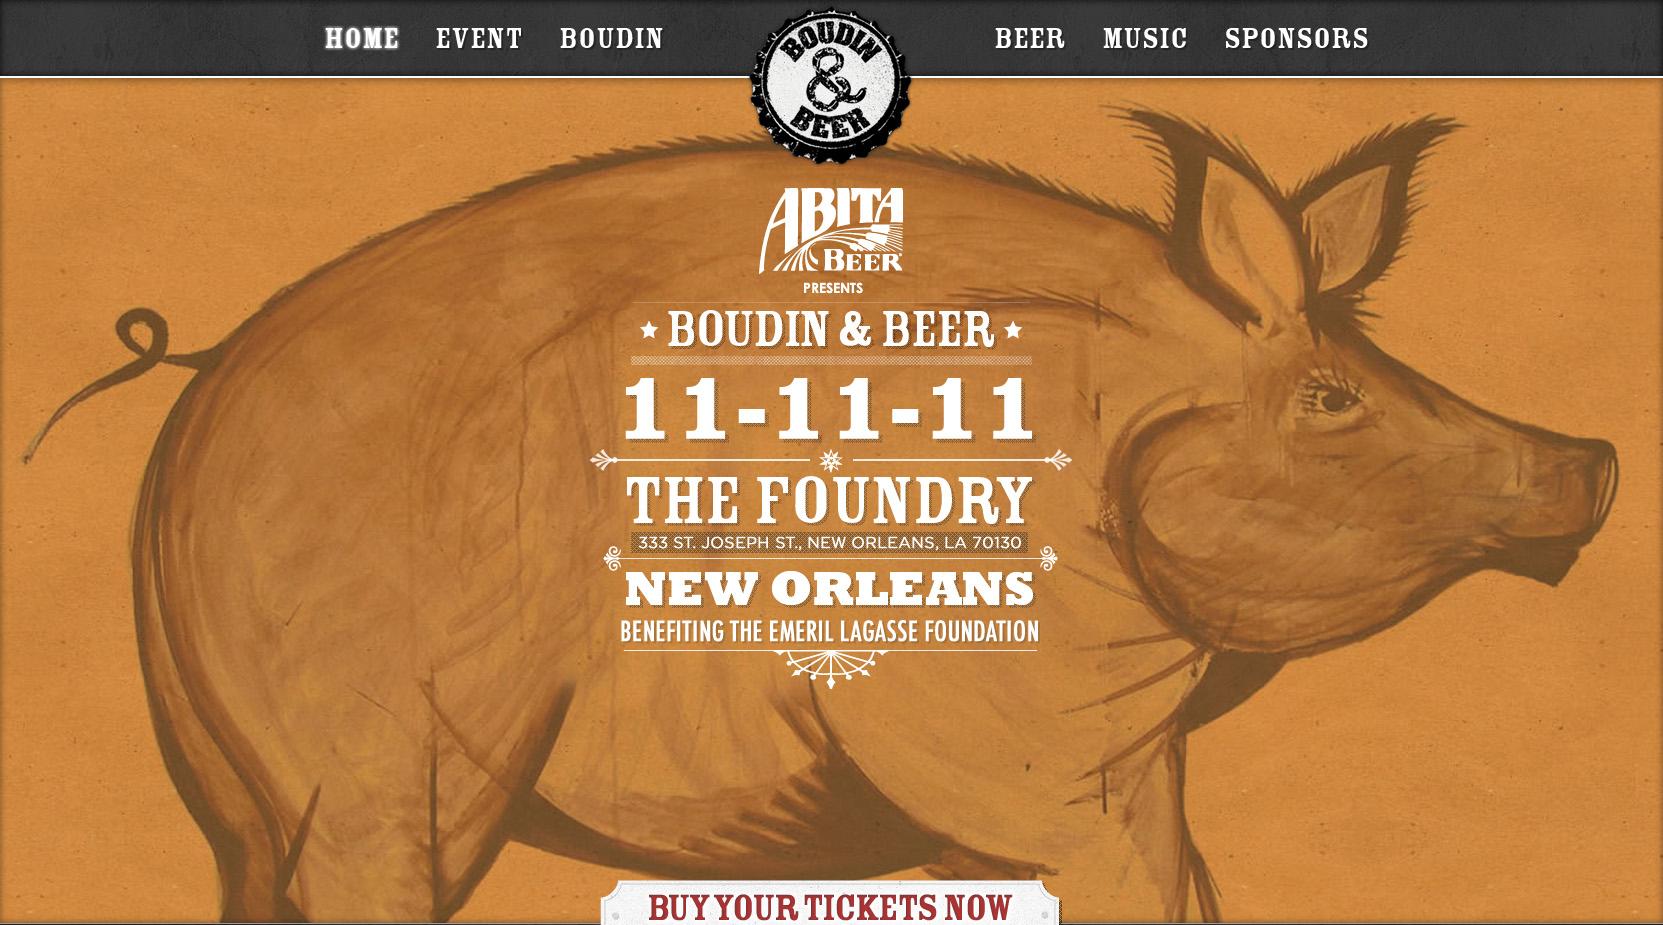 Boudin & Beer Website Screenshot